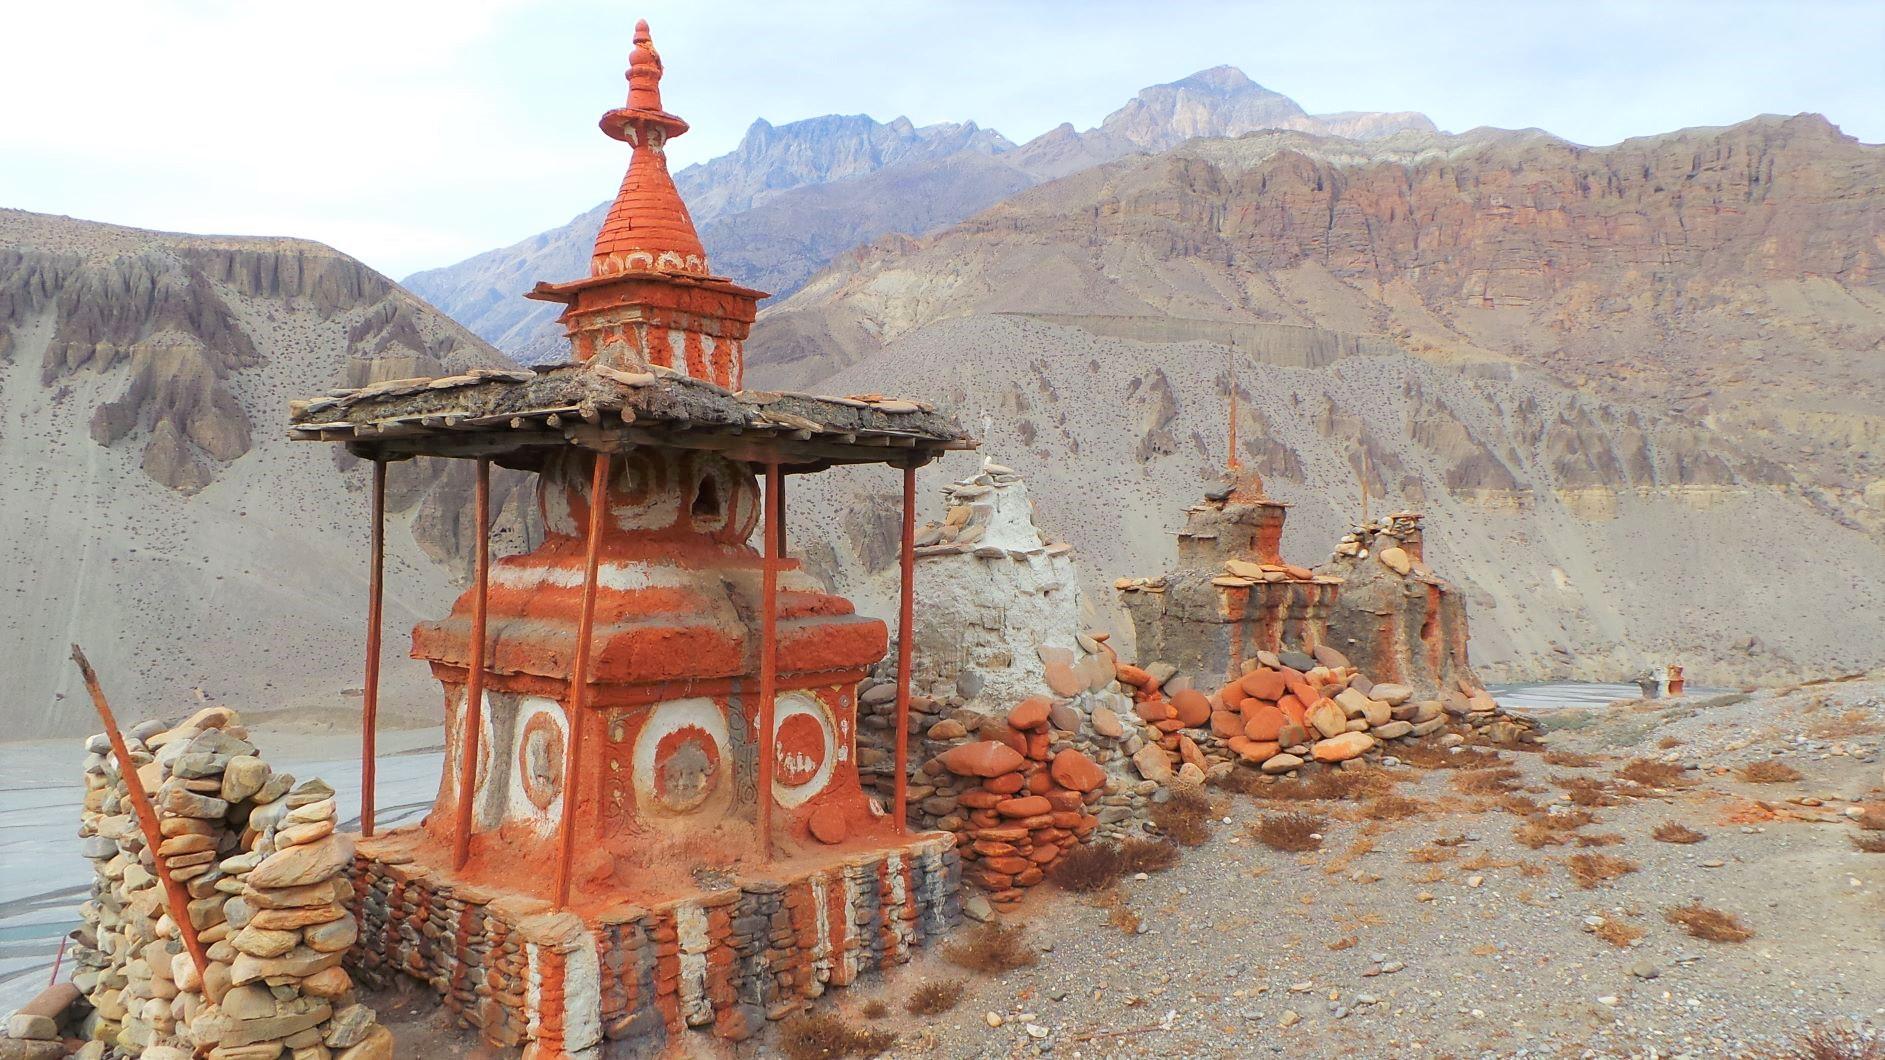 ローマンタンへの途上のチョルテン(仏塔)